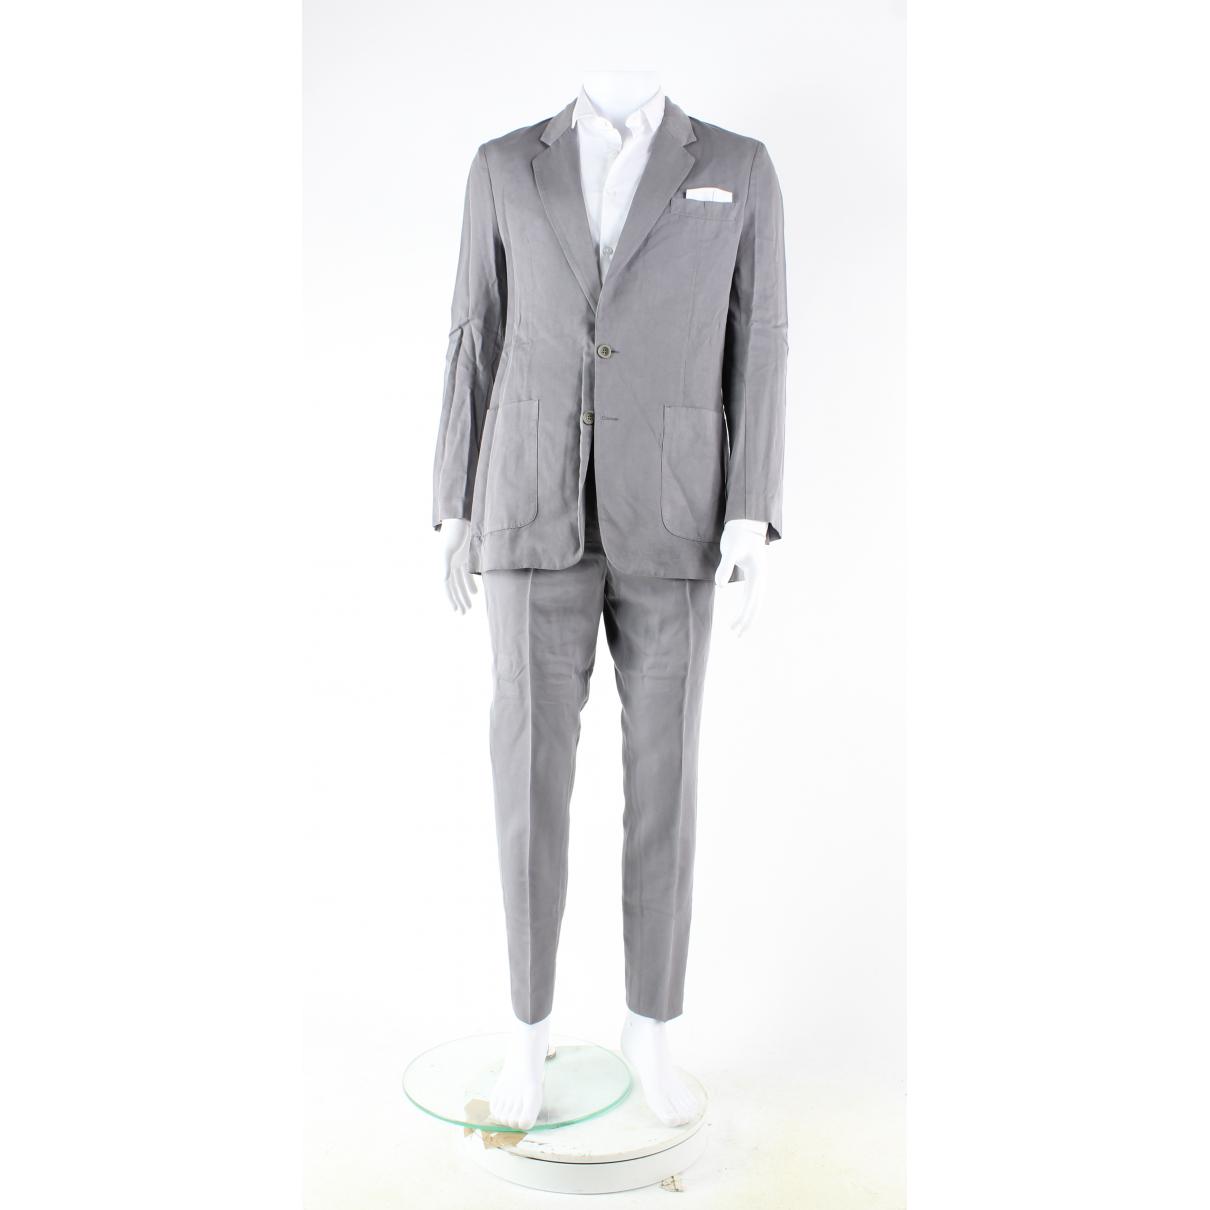 Maison Martin Margiela N Grey Cotton Suits for Men 46 FR